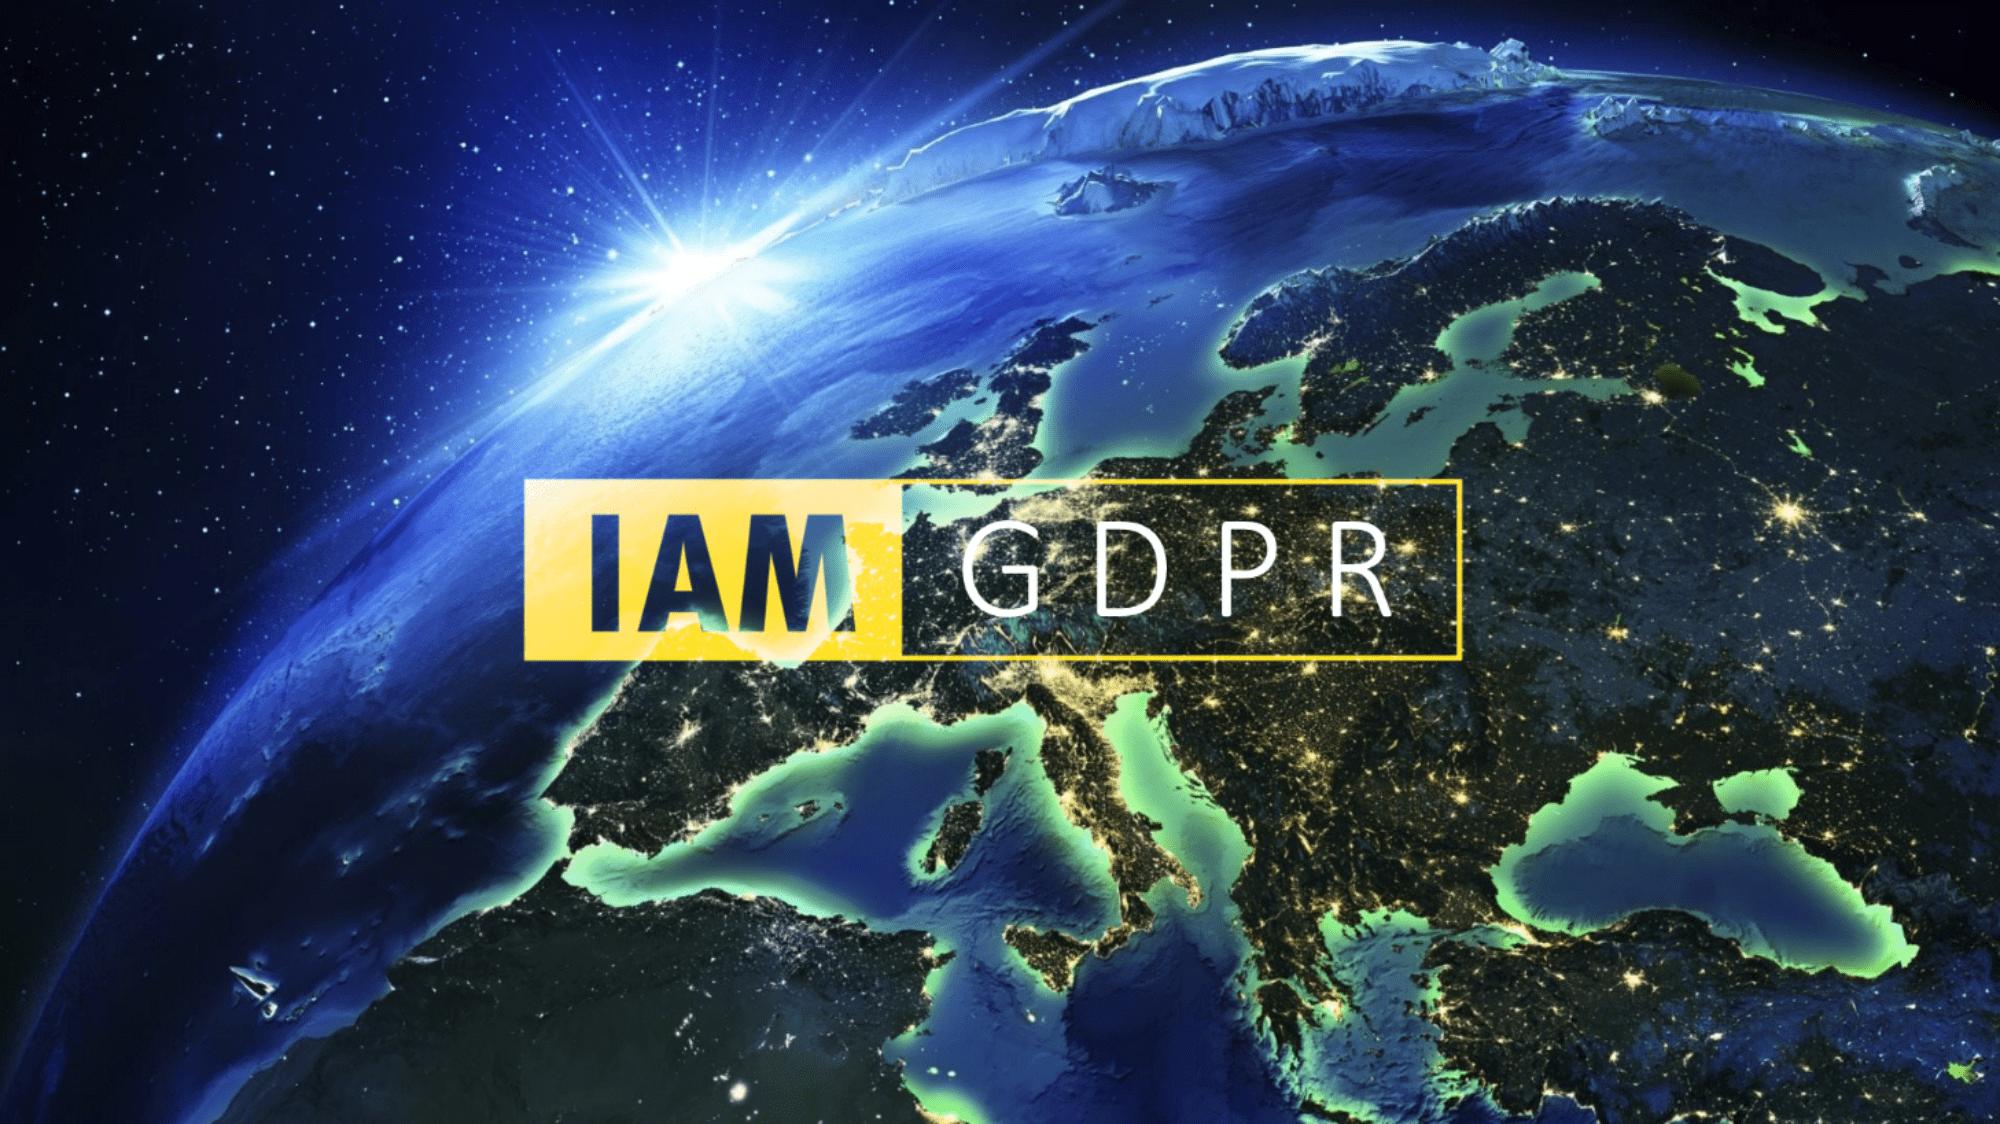 I am GDPR